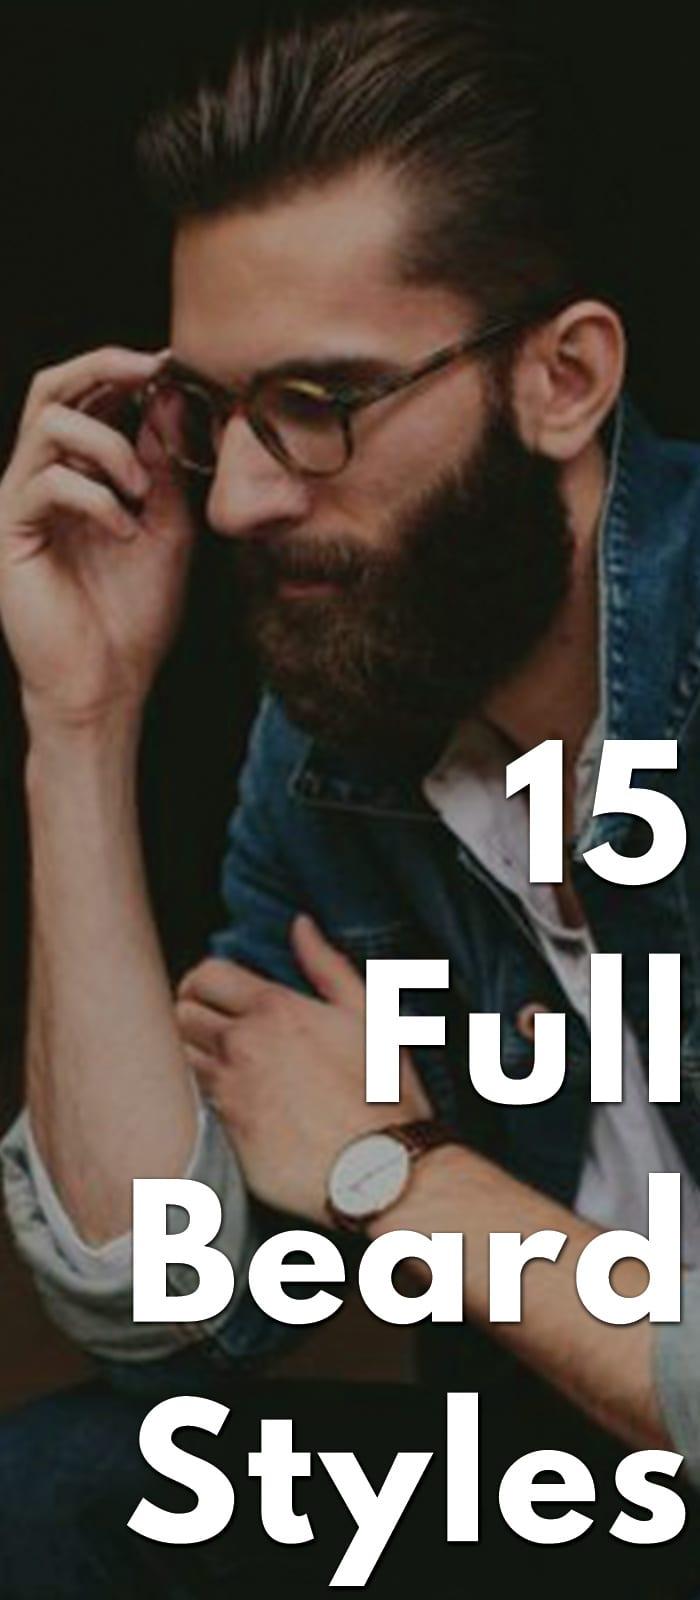 15-Full-Beard-Styles.